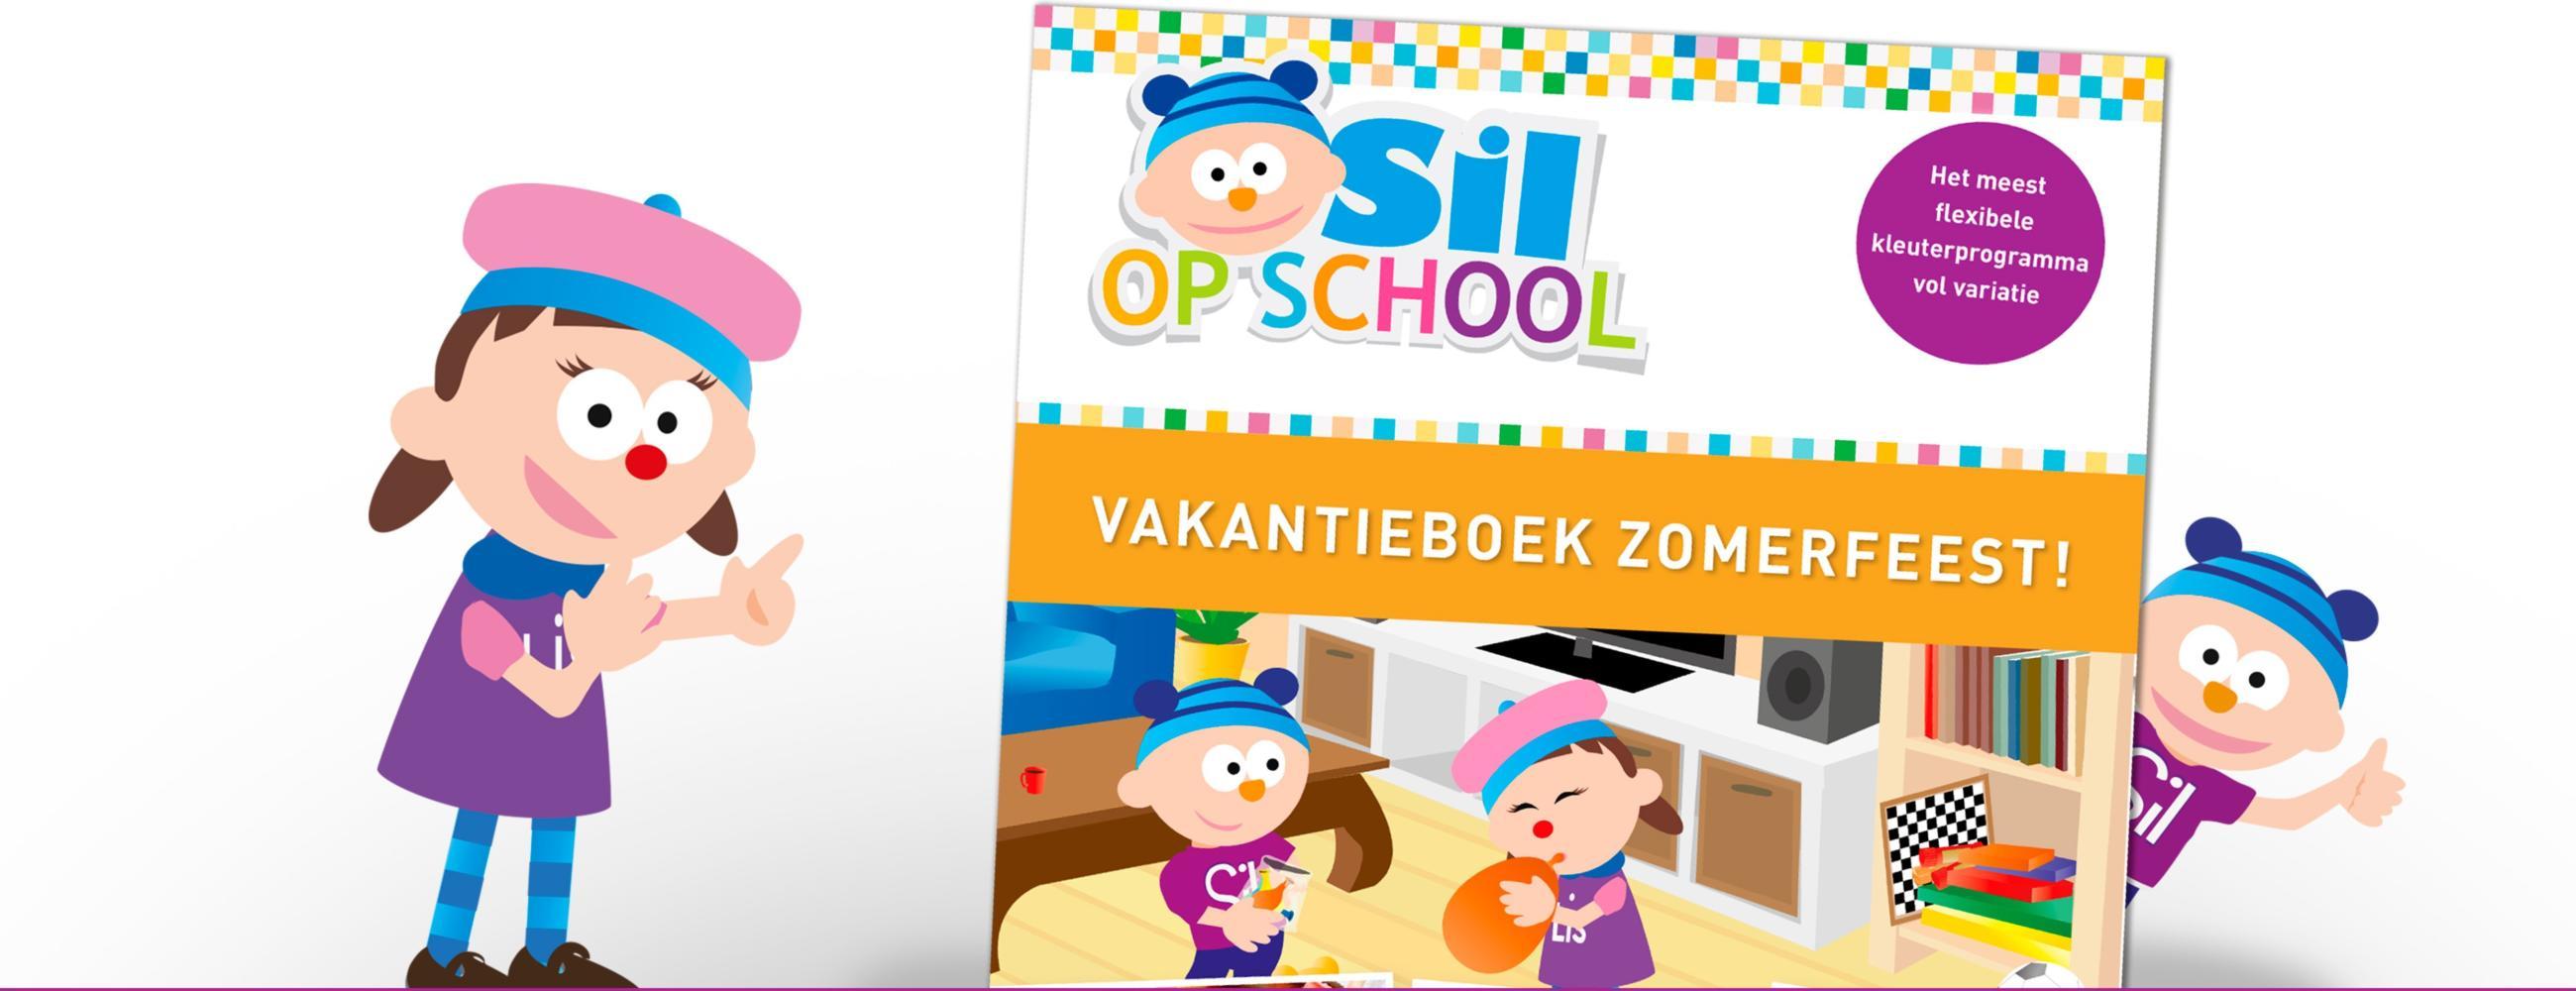 Vakantieboek-Sil-op-school.jpg